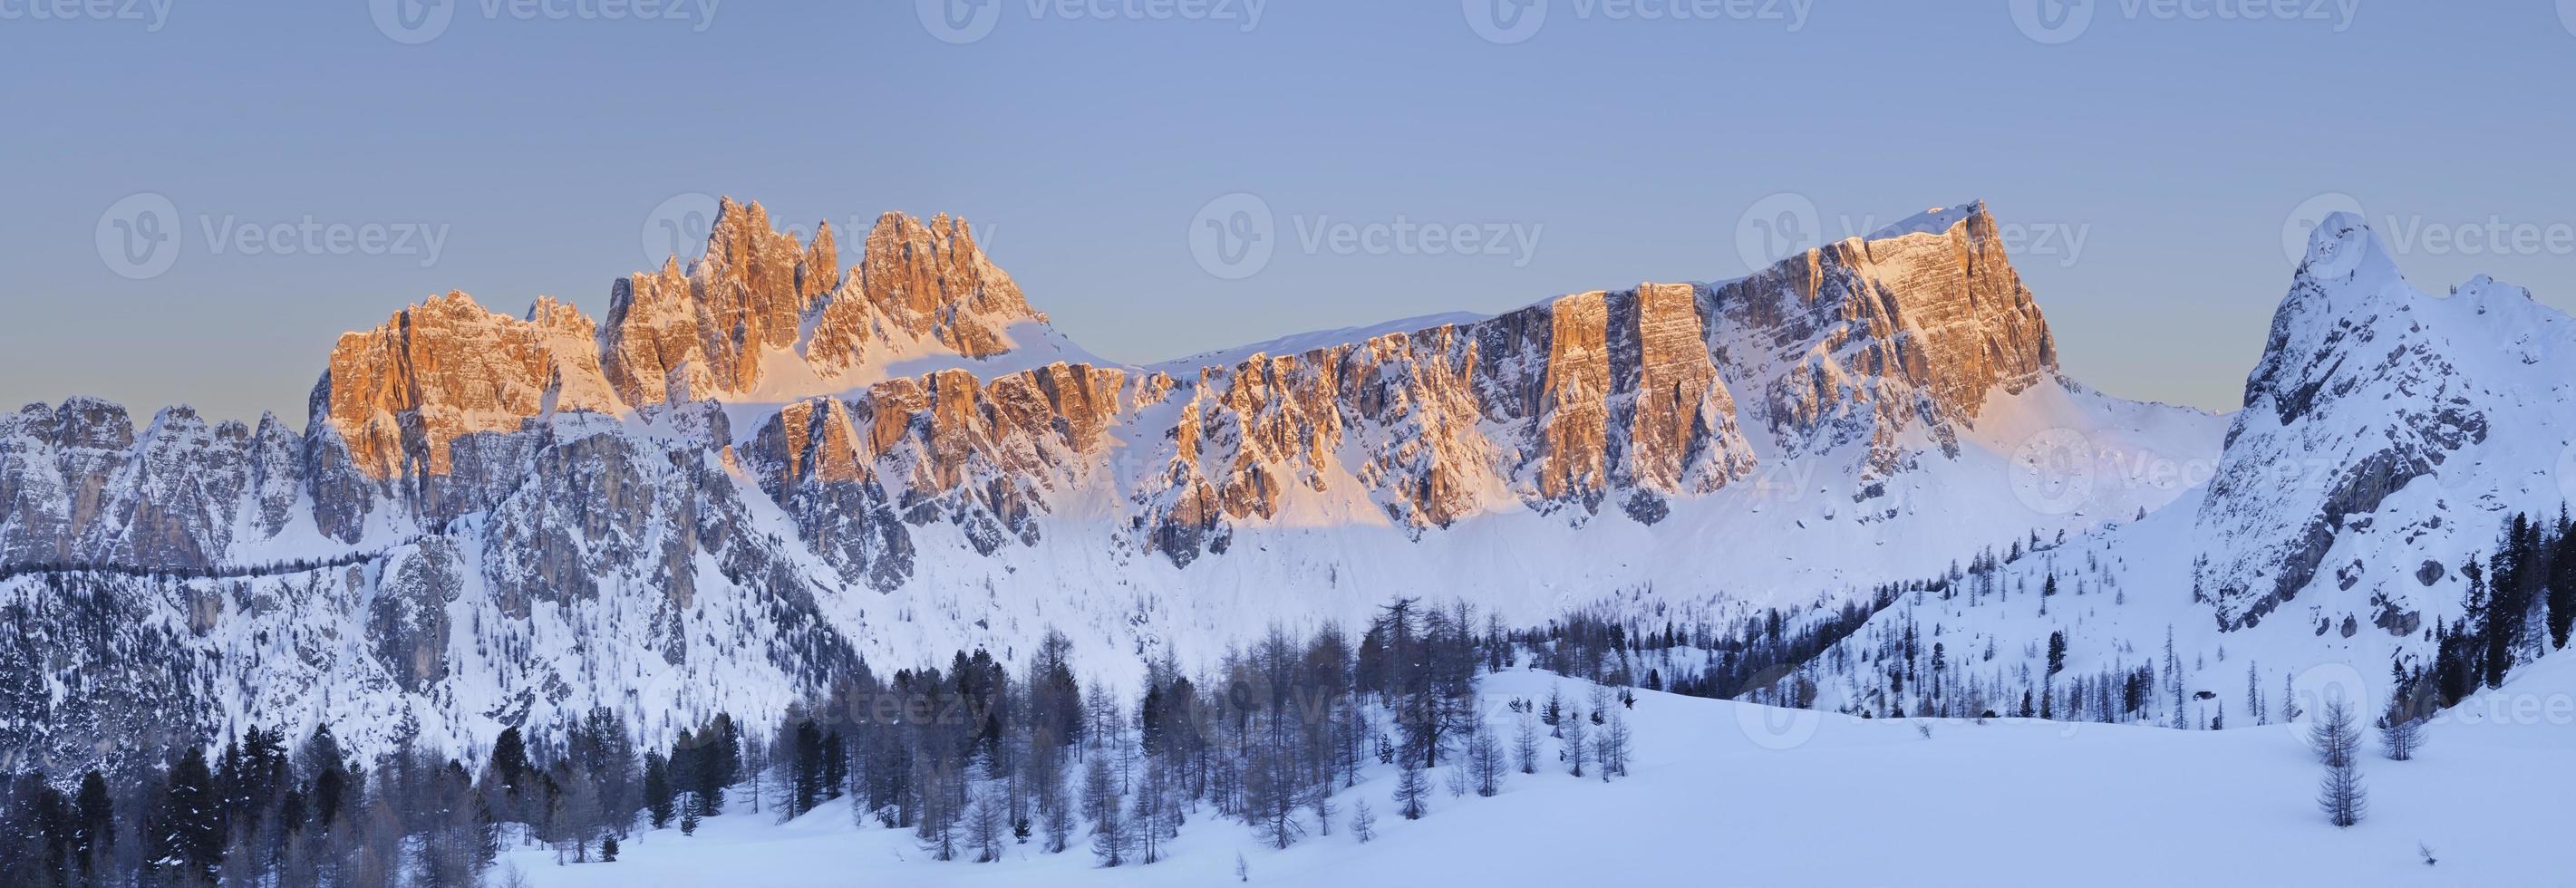 croda da lago ao pôr do sol (dolomitas - itália) foto